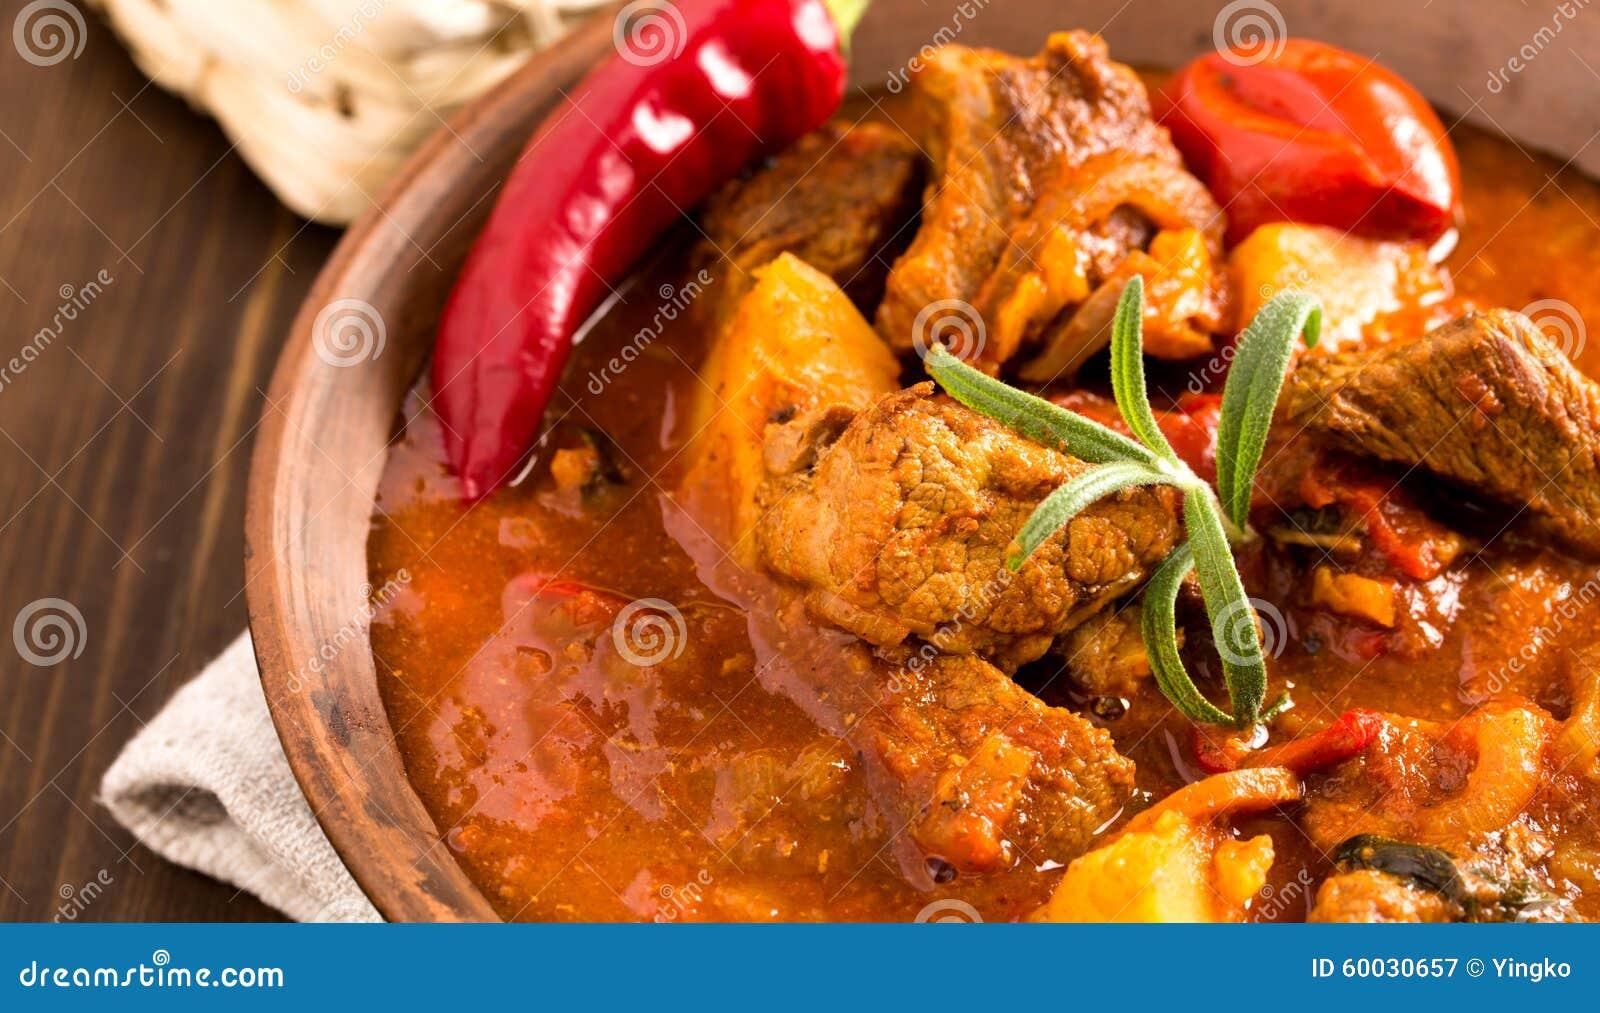 Hungarian goulash in plate closeup